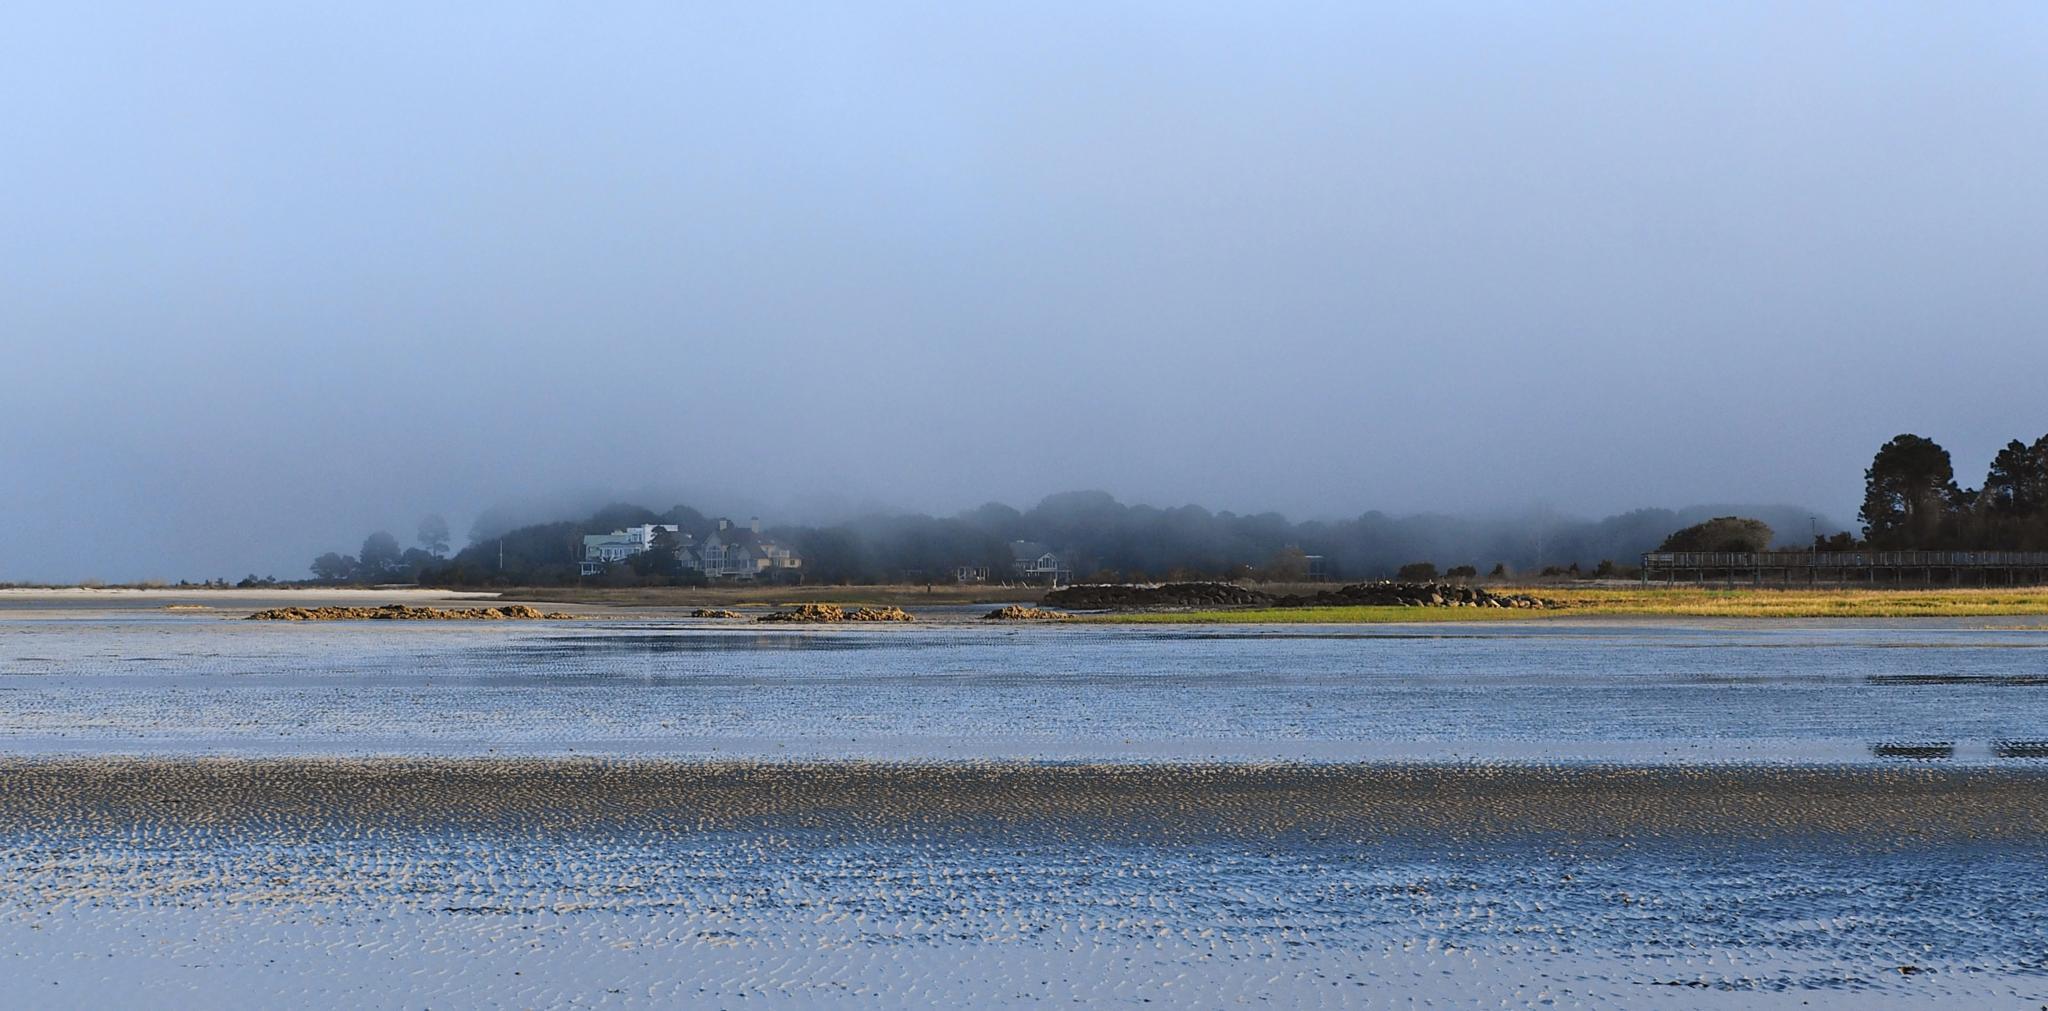 Foggy Evening at Fish Haul Creek Hilton Head by william.l.bosley